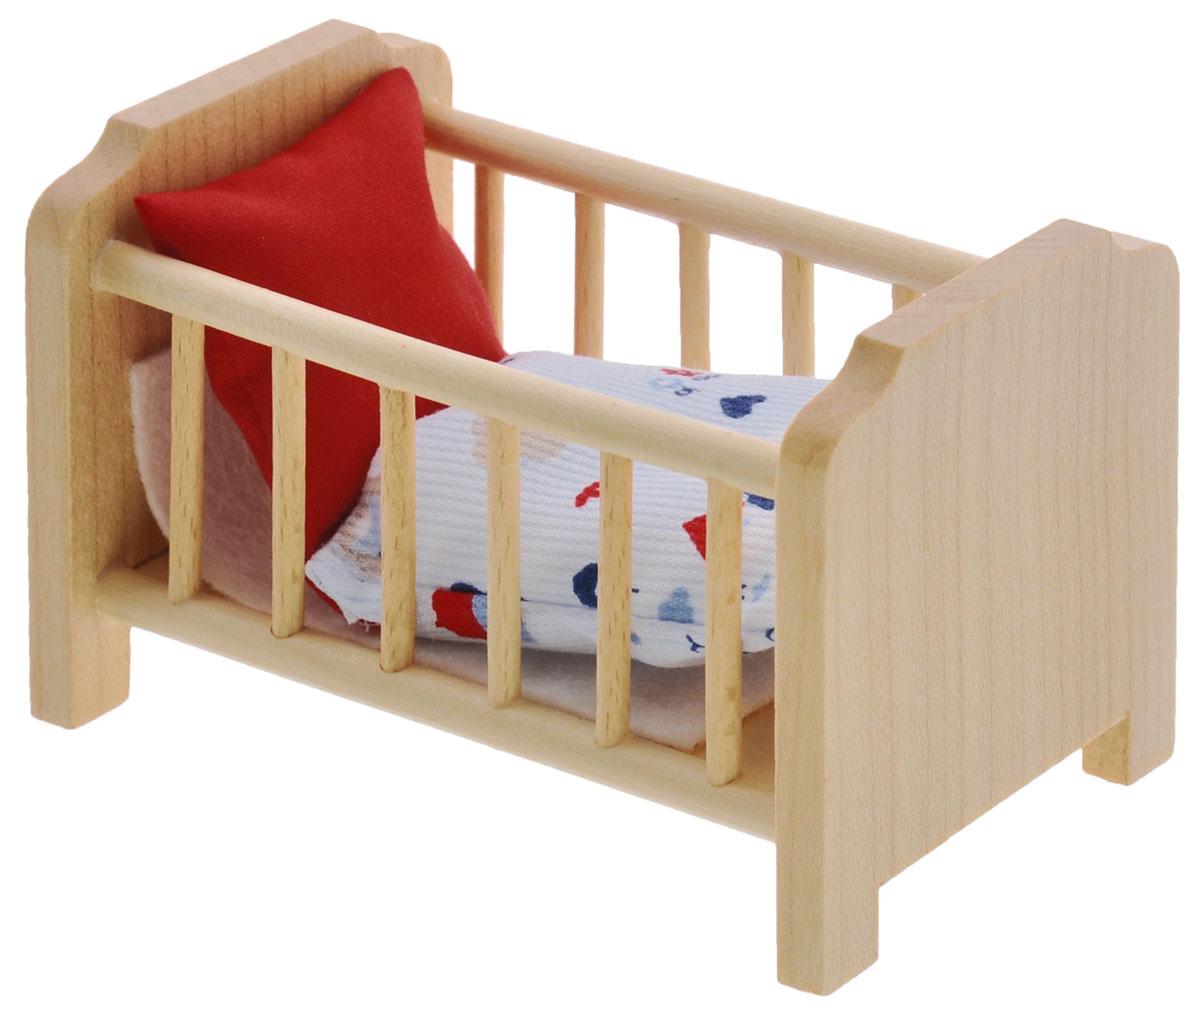 Minimir Кровать с аксессуарами цвет бежевый13-4548-00Кровать для пупса создана, чтобы кукла вашей малышки сладко спала и видела сказочные сны. Кроватка выполнена из натурального бука и клена, гипоаллергенна и абсолютно безопасна для ребенка. Набор включает в себя кроватку и мягкое одеяльце. Подходит для пупса высотой 7,5 см. Теперь ваша малышка сможет убаюкивать своих кукол в удобной кроватке. Порадуйте ее таким замечательным подарком! Мебель и аксессуары для игровых кукол Минимир выпускают на фабрике в Германии. В производстве кукольной мебели используются качественные породы бука и клена. При создании кукол и аксессуаров от компании Минимир используются исключительно качественные материалы: натуральное дерево и текстиль. Игра с миниатюрными куклами и аксессуарами тренирует мелкую моторику пальцев рук, стимулирует развитие речи и логического мышления. Маленький размер игрушек позволяет играть в абсолютно любом месте, их удобно брать с собой на занятия или увлекательно проводить время в дороге во время...